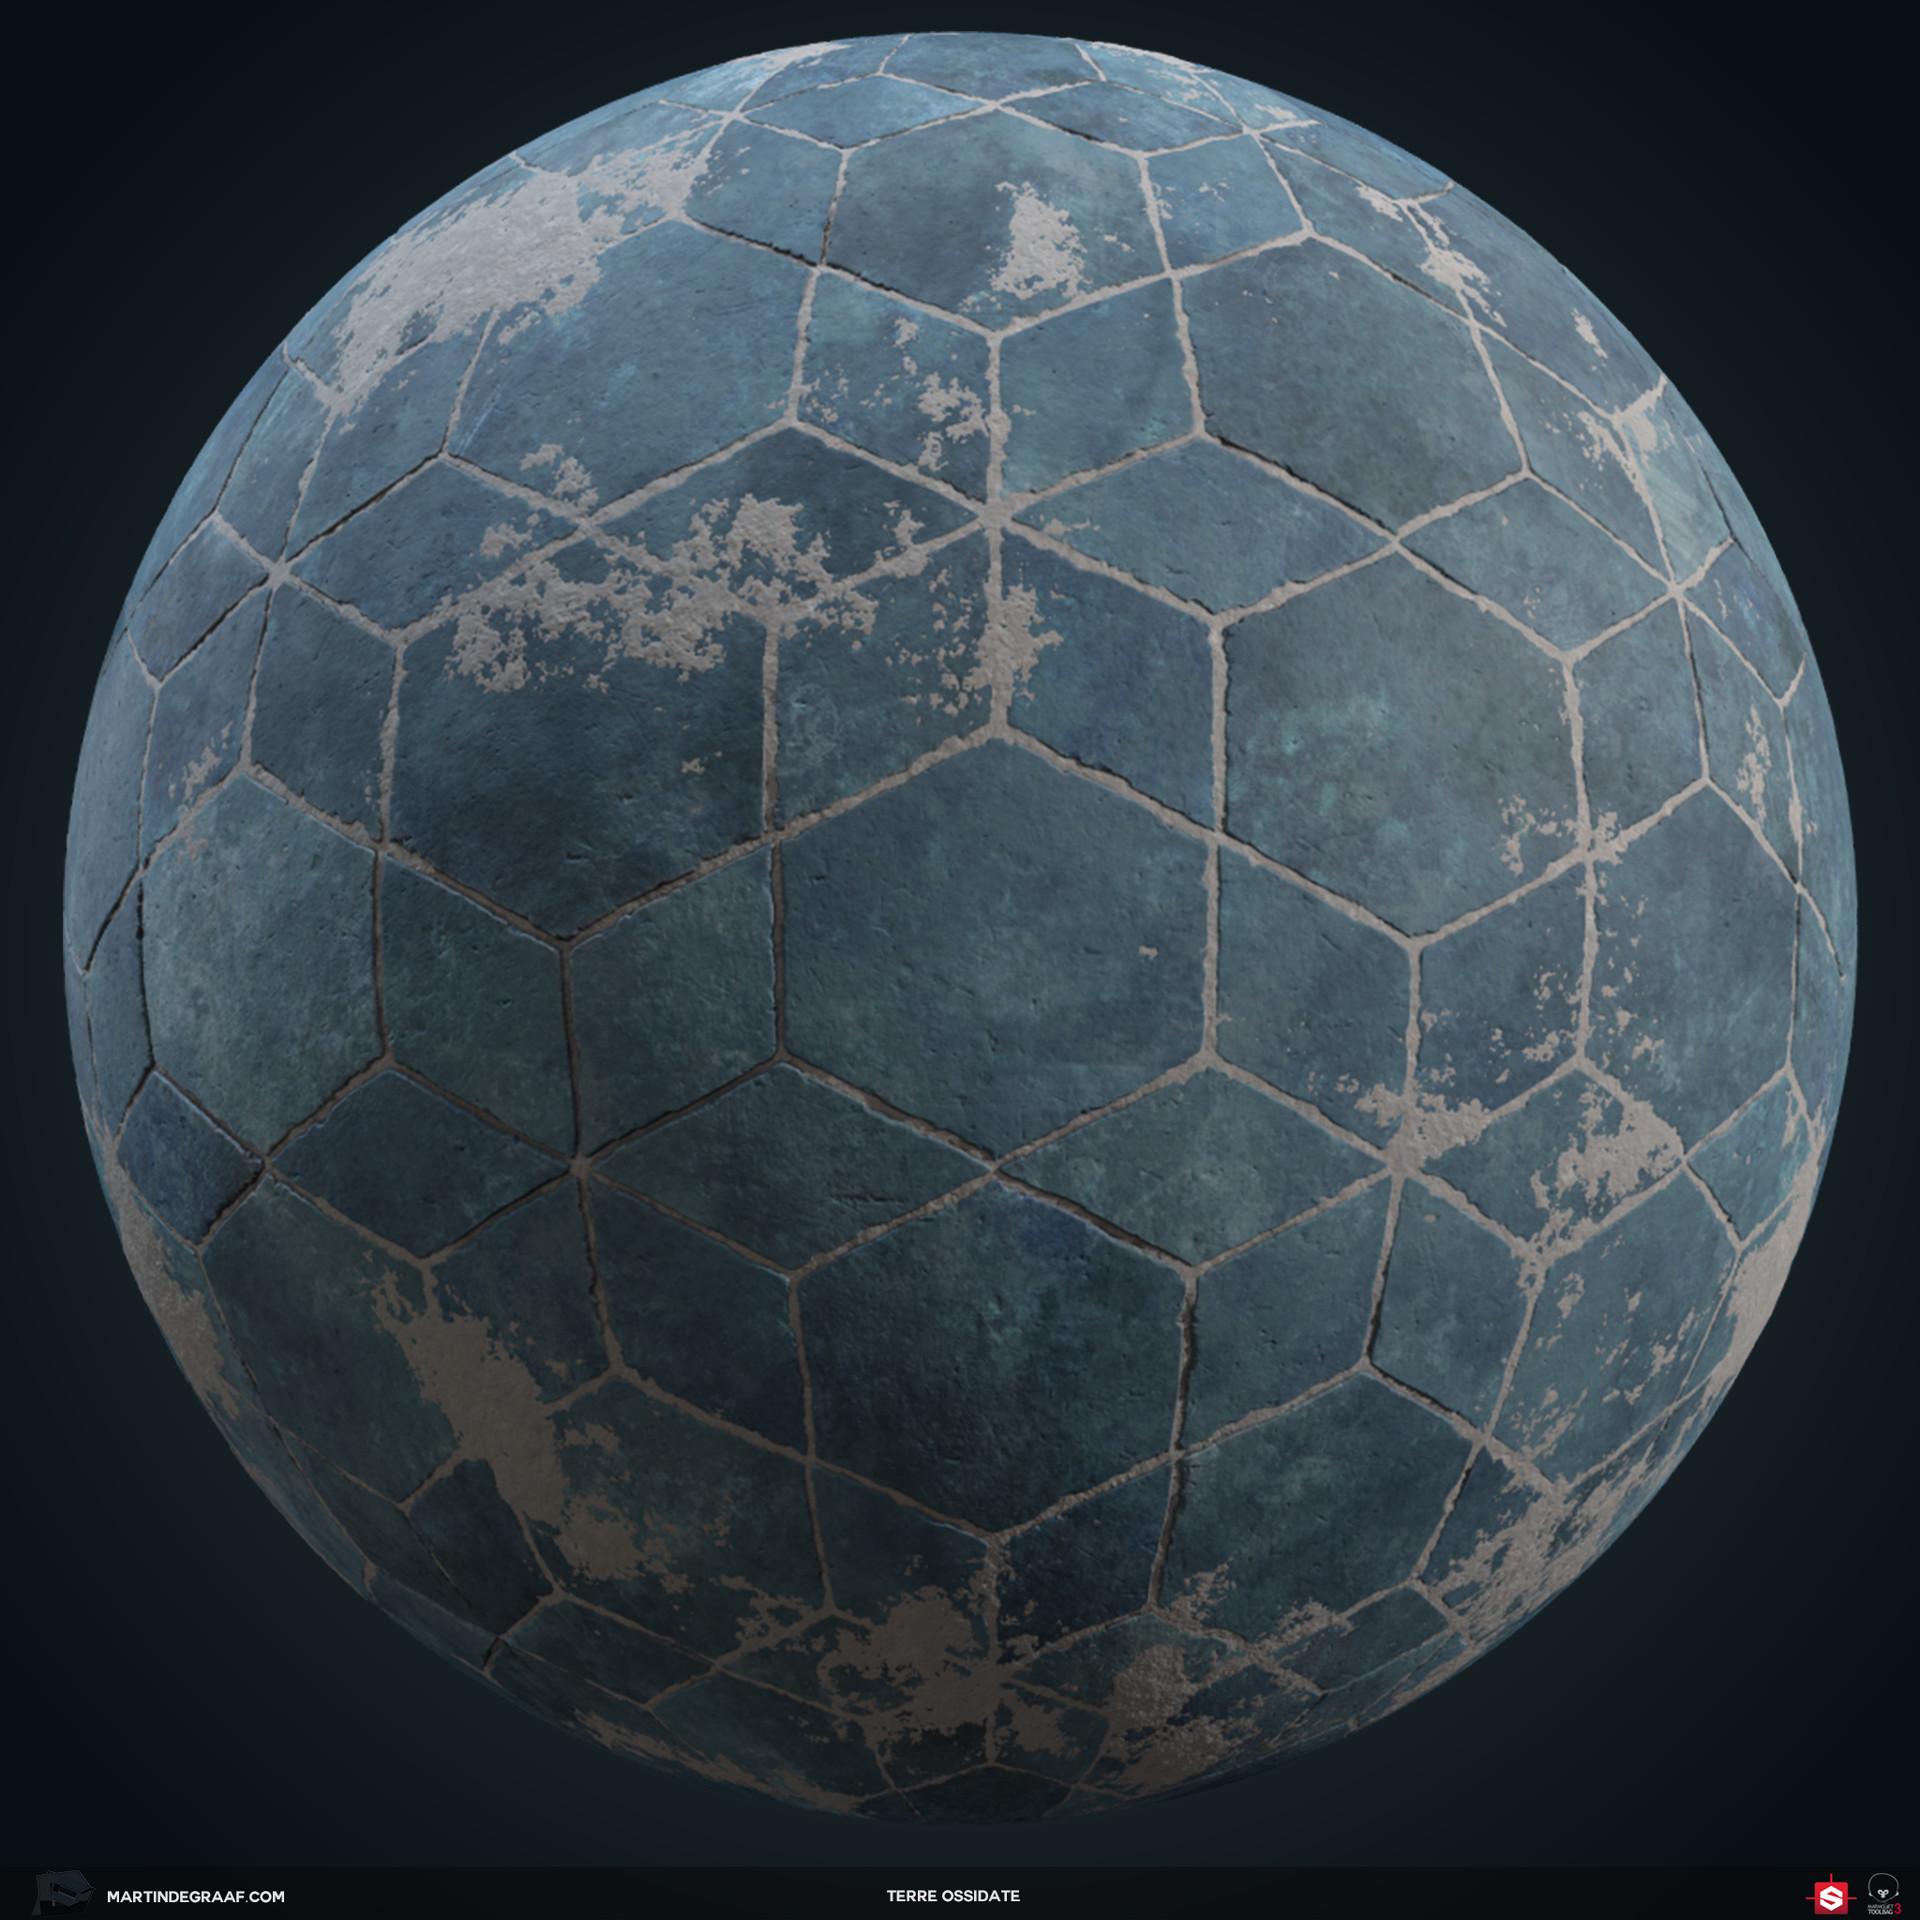 Martin de graaf terre ossidate substance sphere martin de graaf 2018